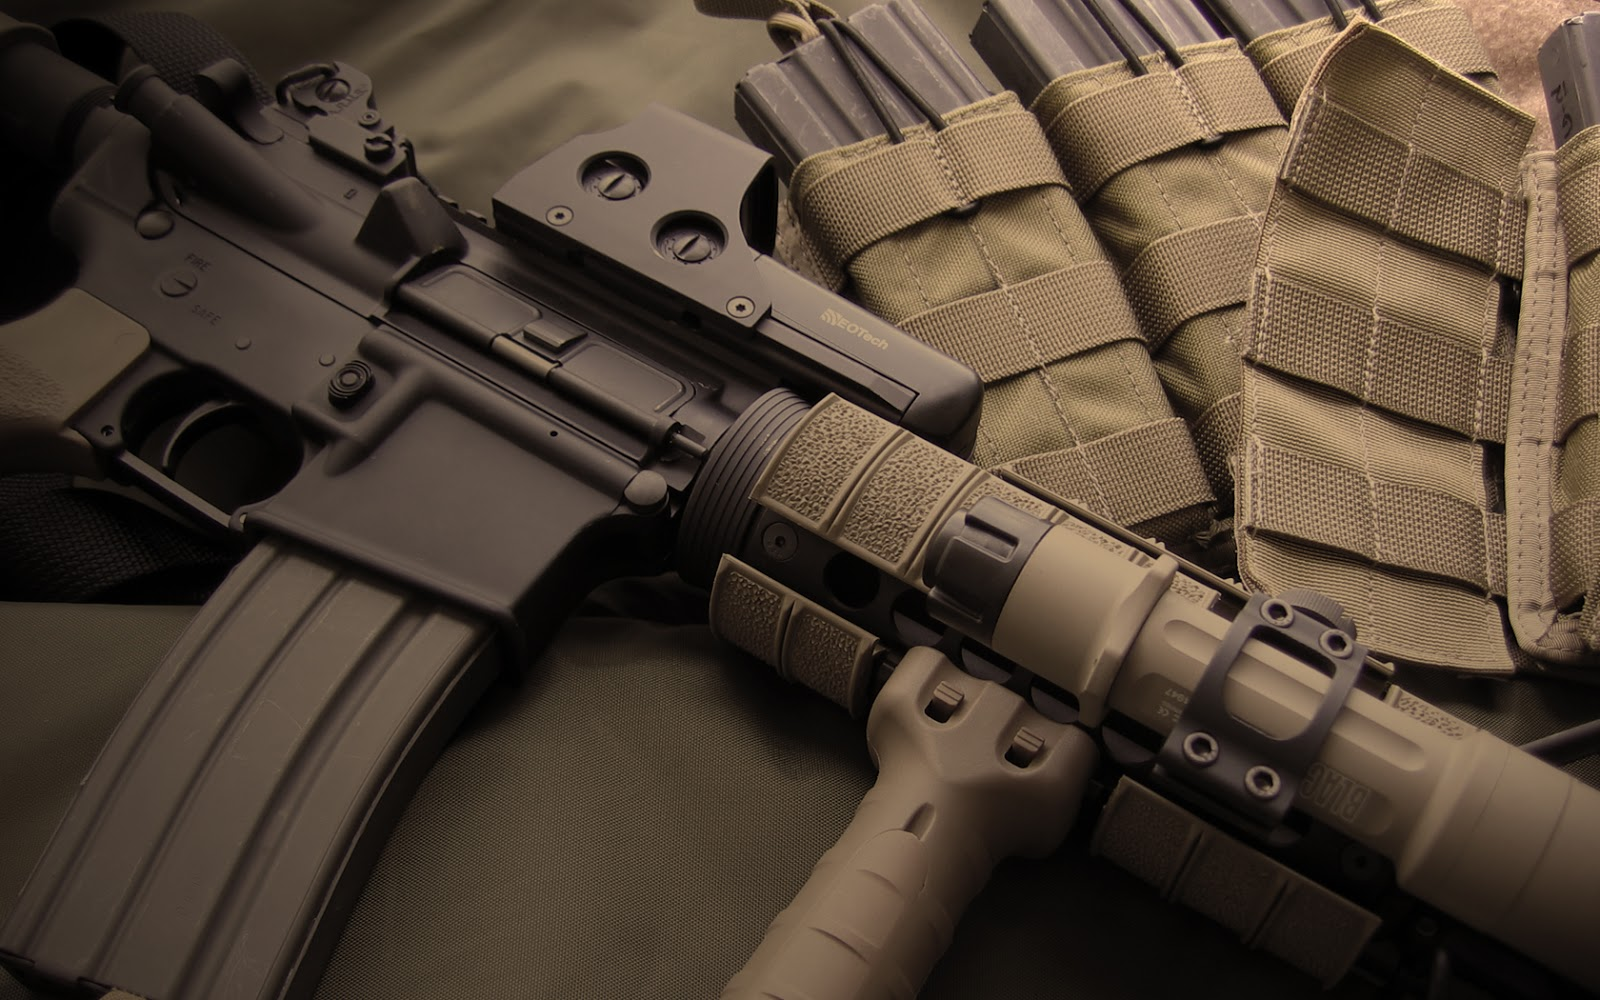 Guns amp Weapons Cool Guns Wallpapers 2 1600x1000